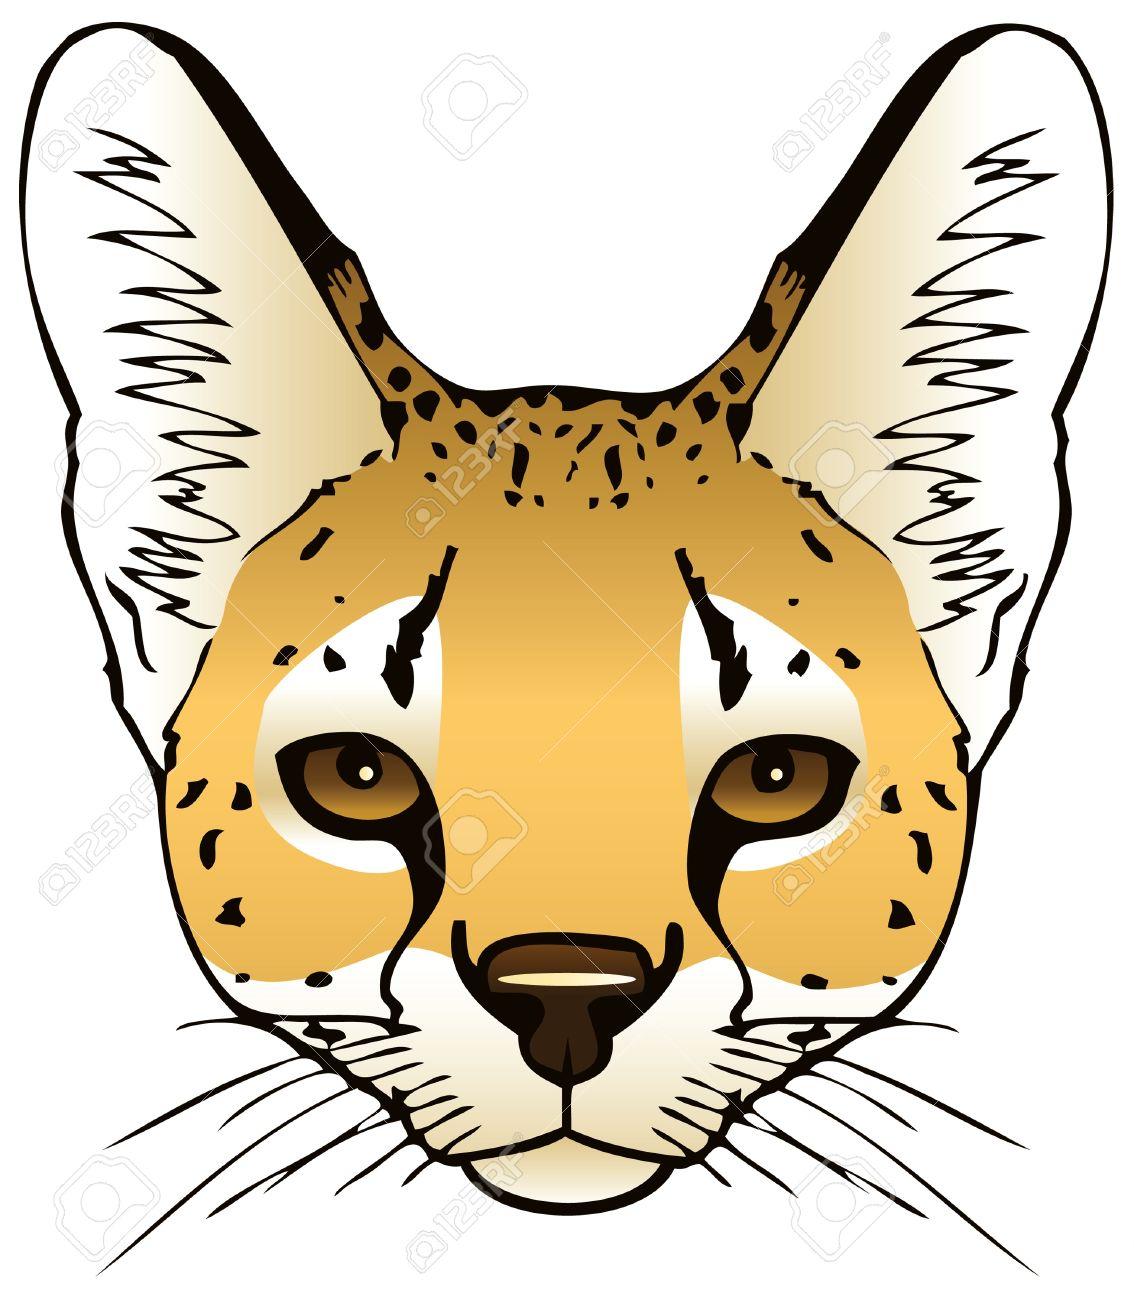 serval cat coloring page serval cat coloring page serval cat